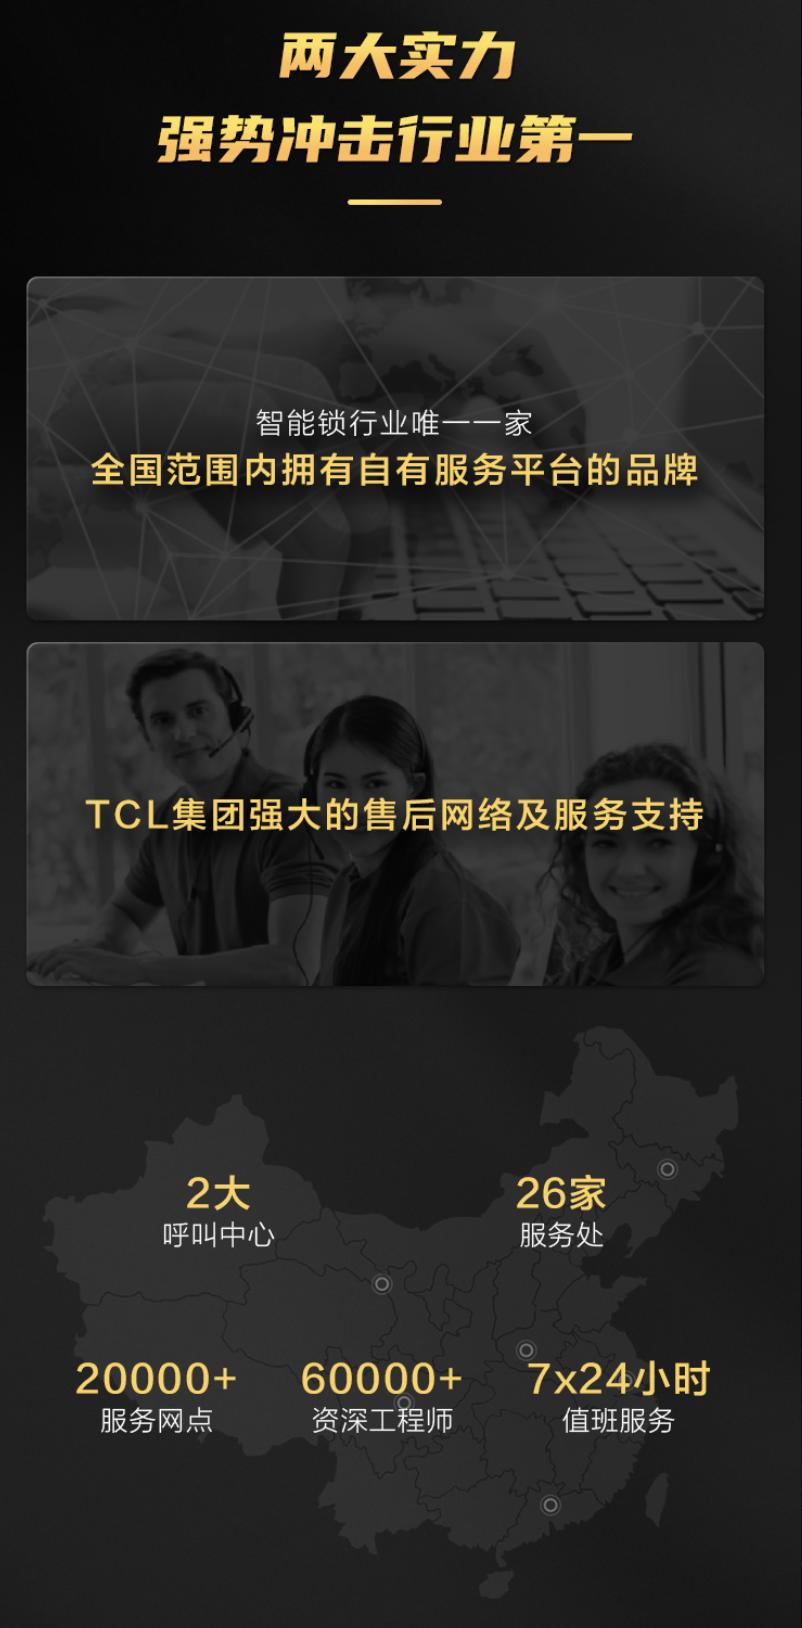 一键式无忧服务 TCL智能锁售后服务升级引领用户新体验 智能公会